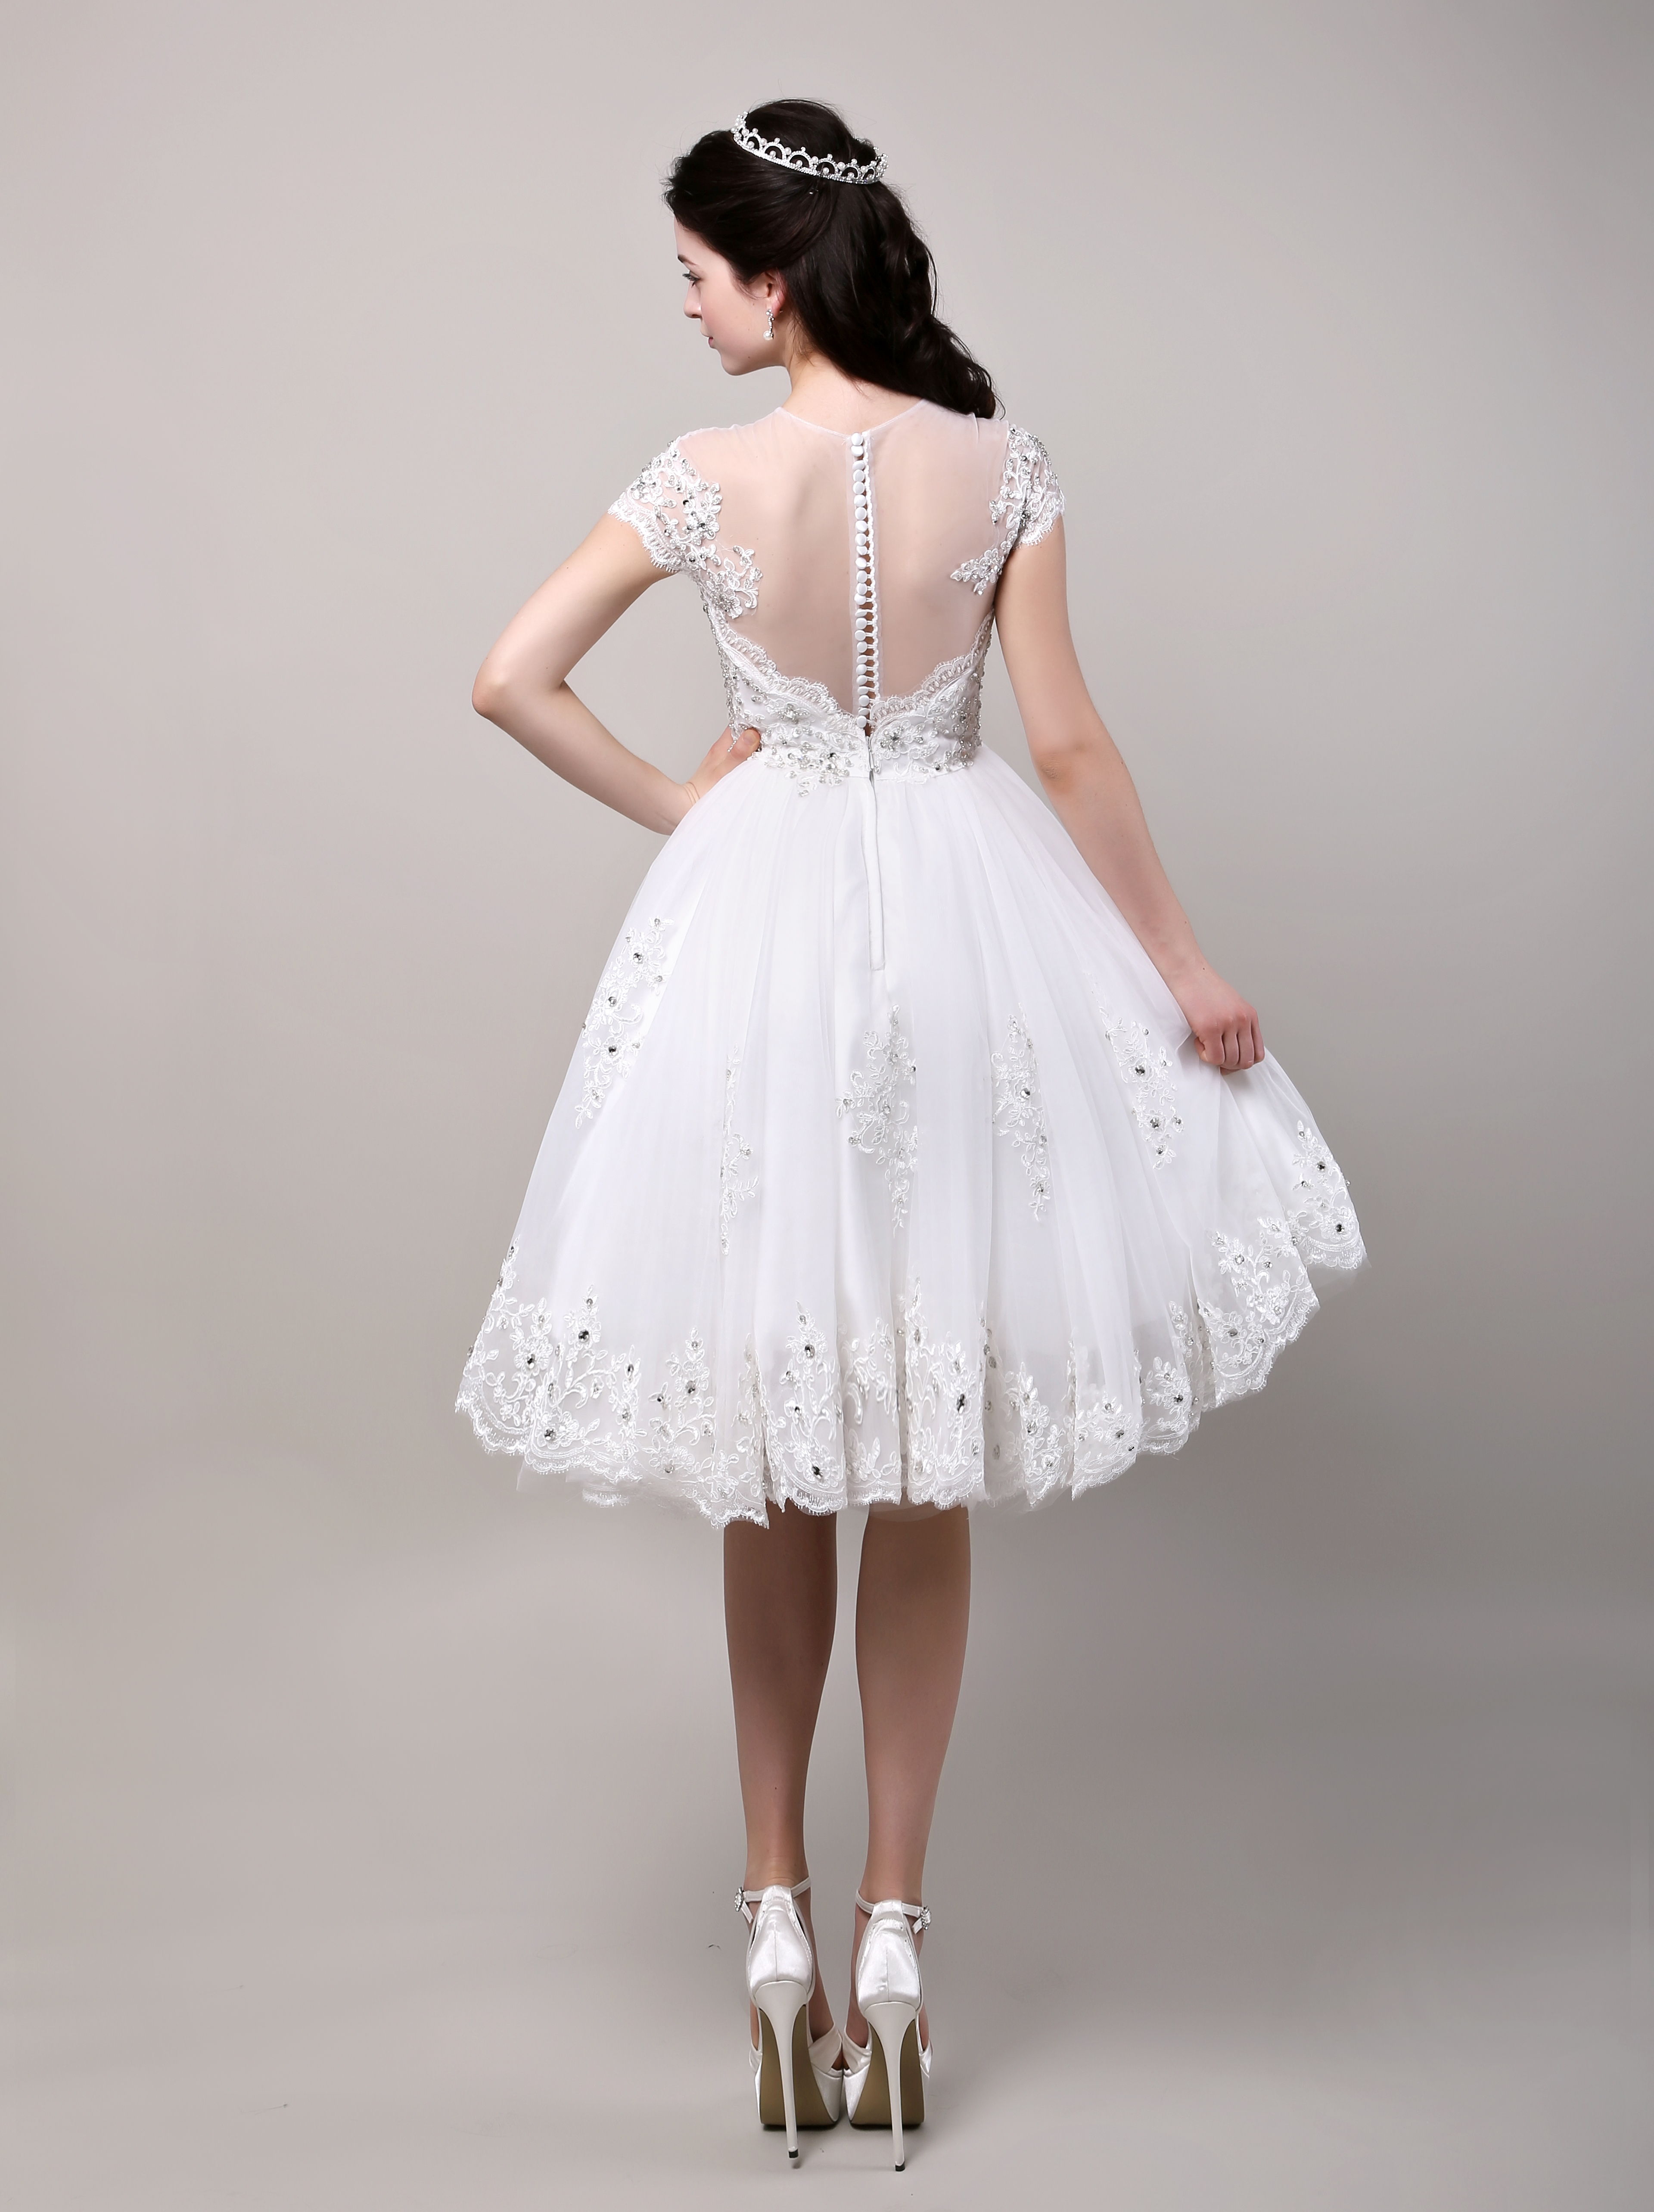 ce6b4033f0f ... Robe de mariage exquise princesse tulle champagne dentelle longueur  genou Milanoo-No.8. 12